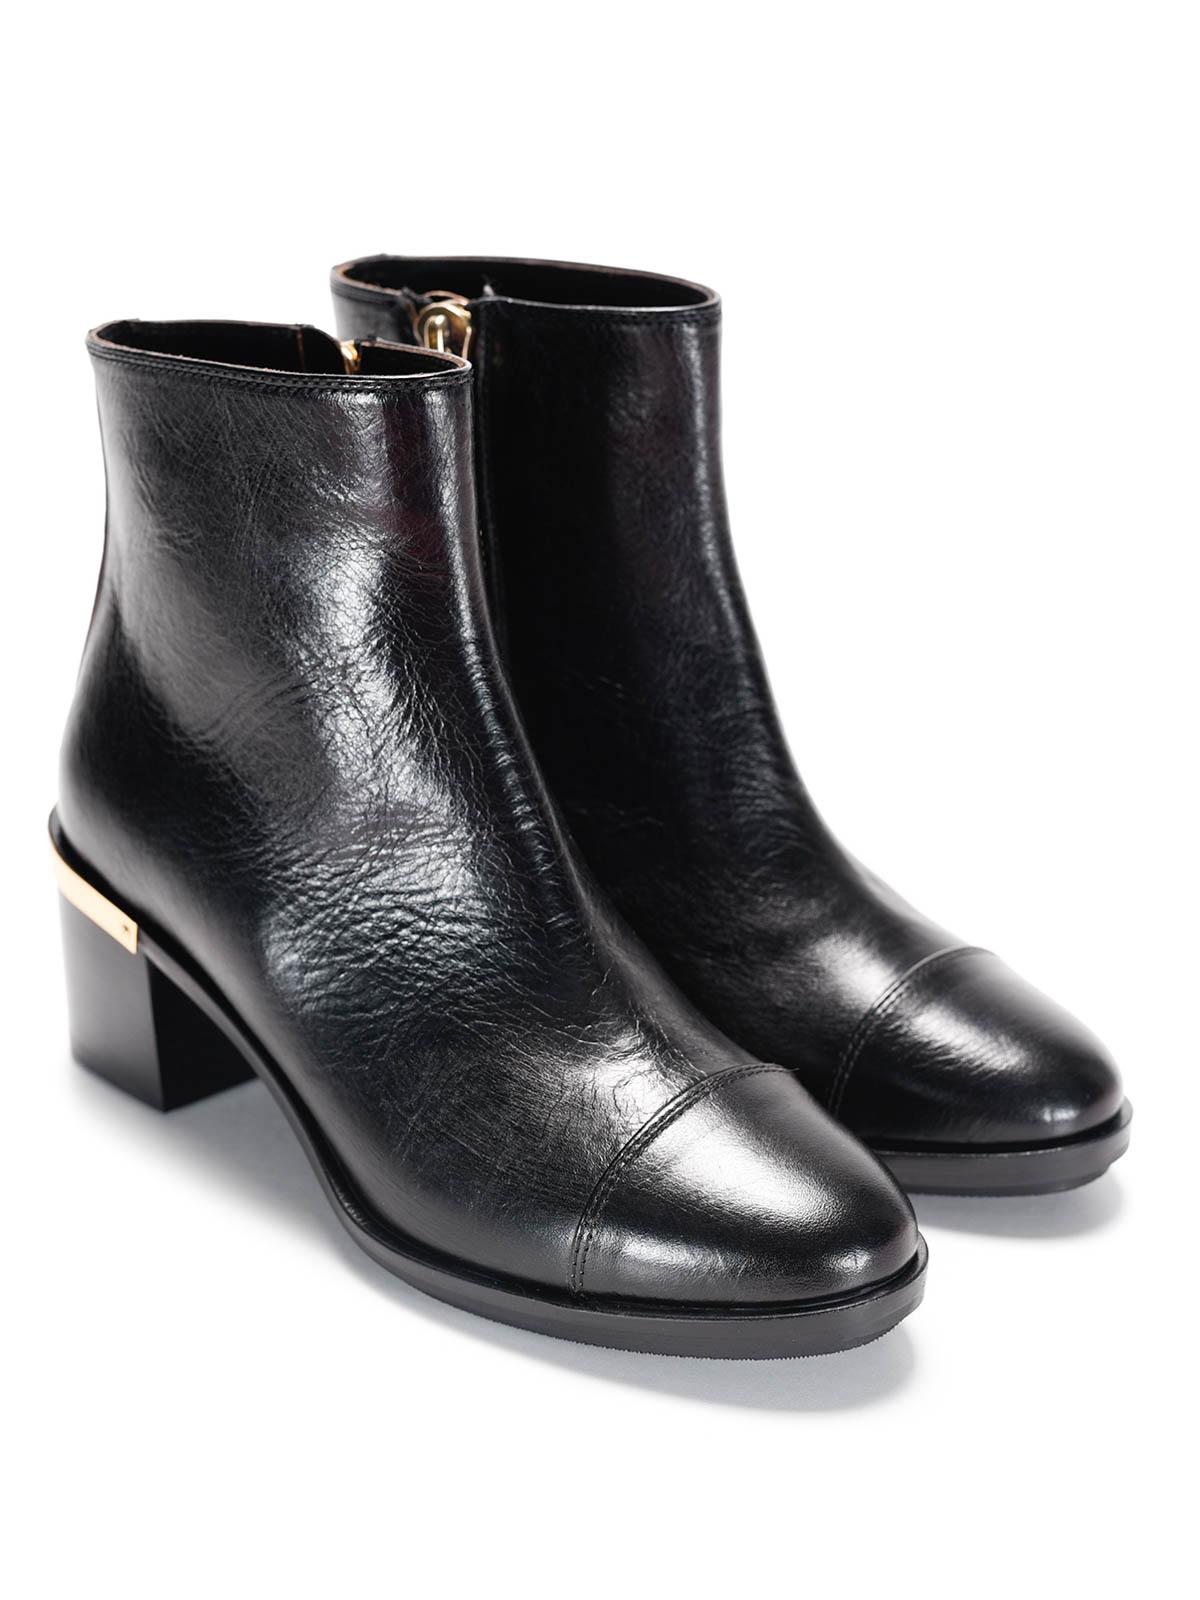 L' Autre Chose Ankle Boots CZgoGAY